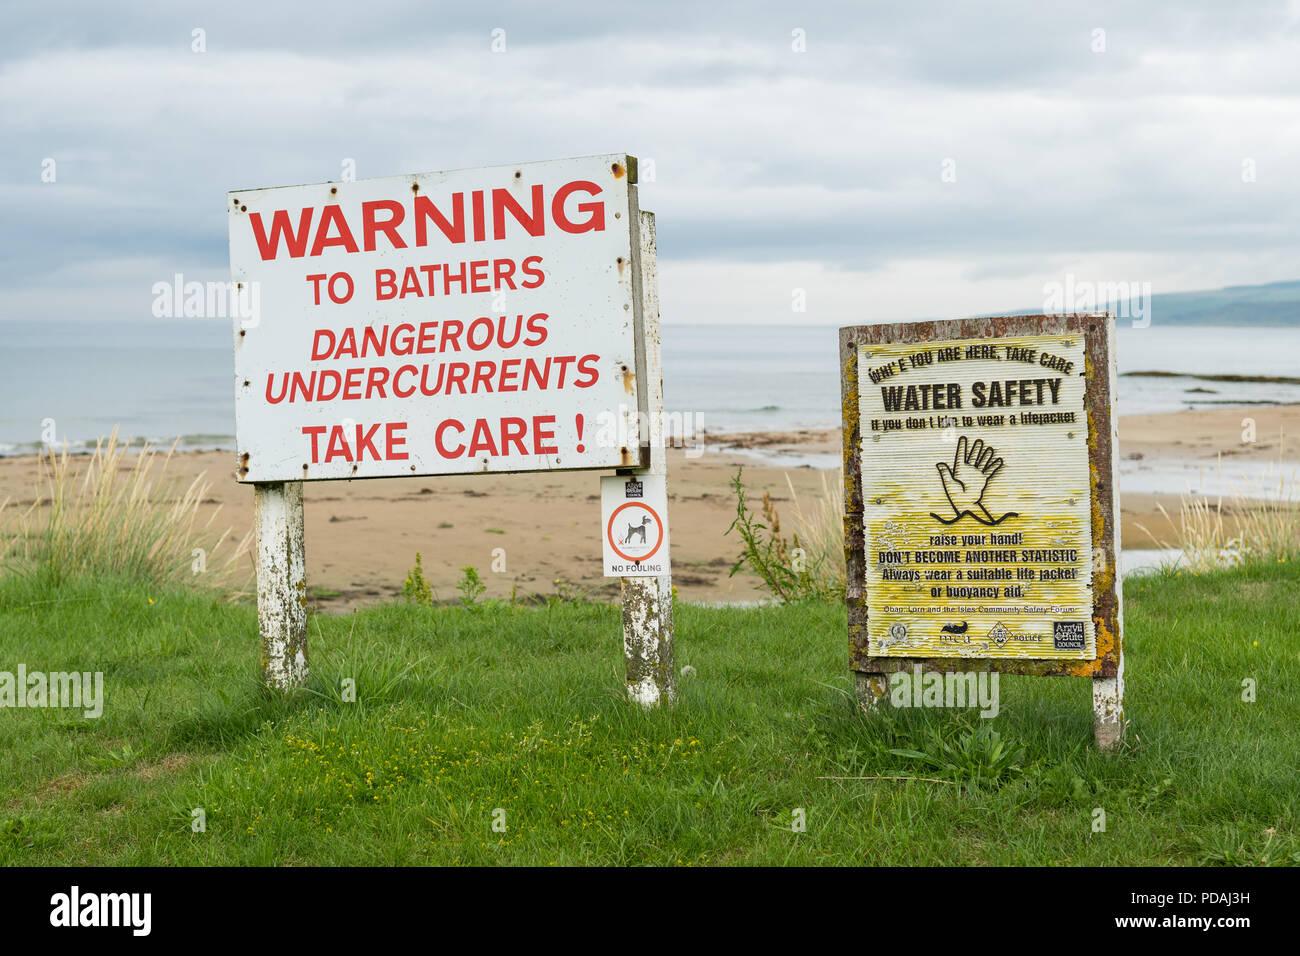 Avvertenza per i bagnanti pericoloso le sottocorrenti segno segni di Machrihanish Bay, Argyll and Bute, Scotland, Regno Unito Immagini Stock